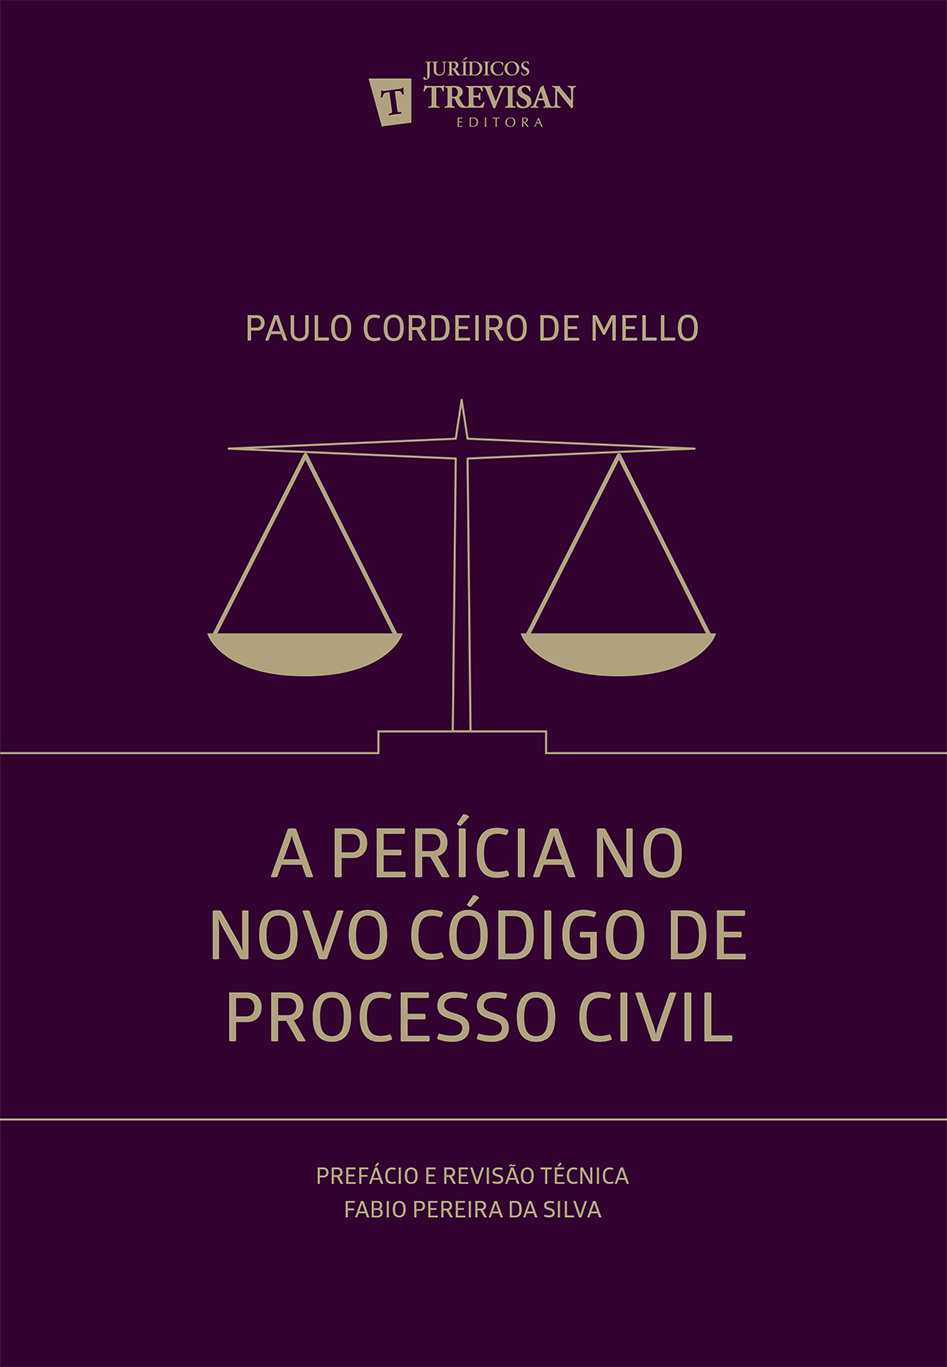 A perícia no novo código de processo Civil